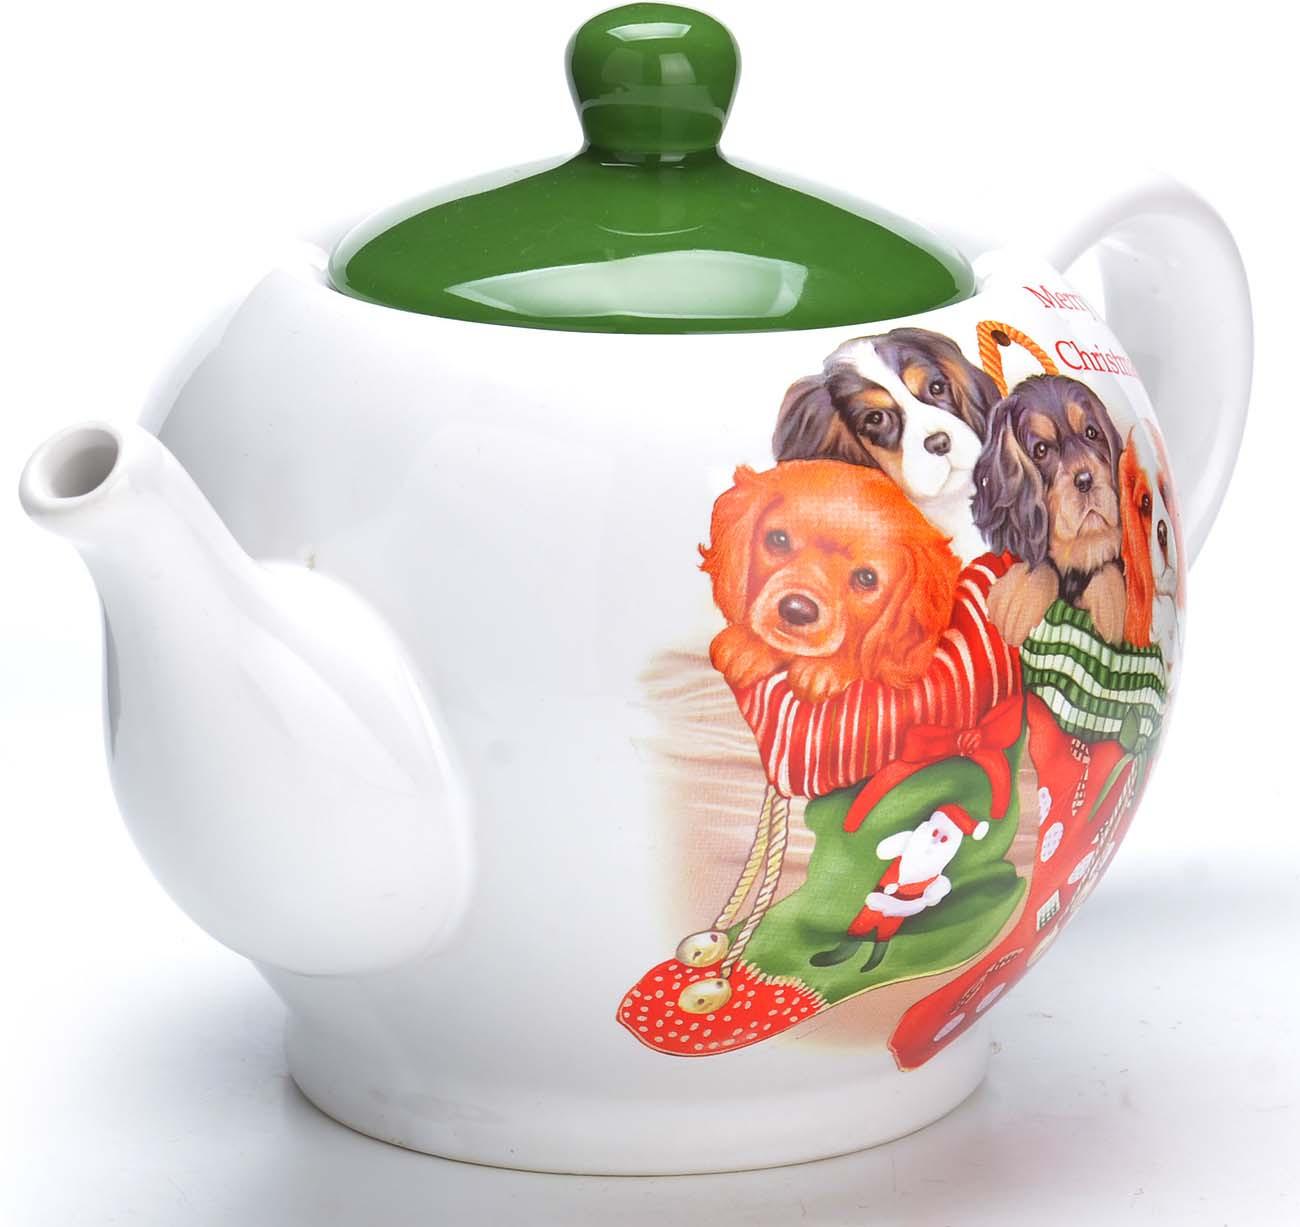 Заварочный чайник с крышкой поможет вам в приготовлении вкусного и ароматного чая, а также станет украшением вашей кухни. Он изготовлен из доломитовой керамики и оформлен красочным изображением. Яркий рисунок придает чайнику особый шарм, чайник удобен в использовании и понравится каждому. Такой заварочный чайник станет приятным и практичным подарком на любой праздник. Подходит для мытья в посудомоечной машине.